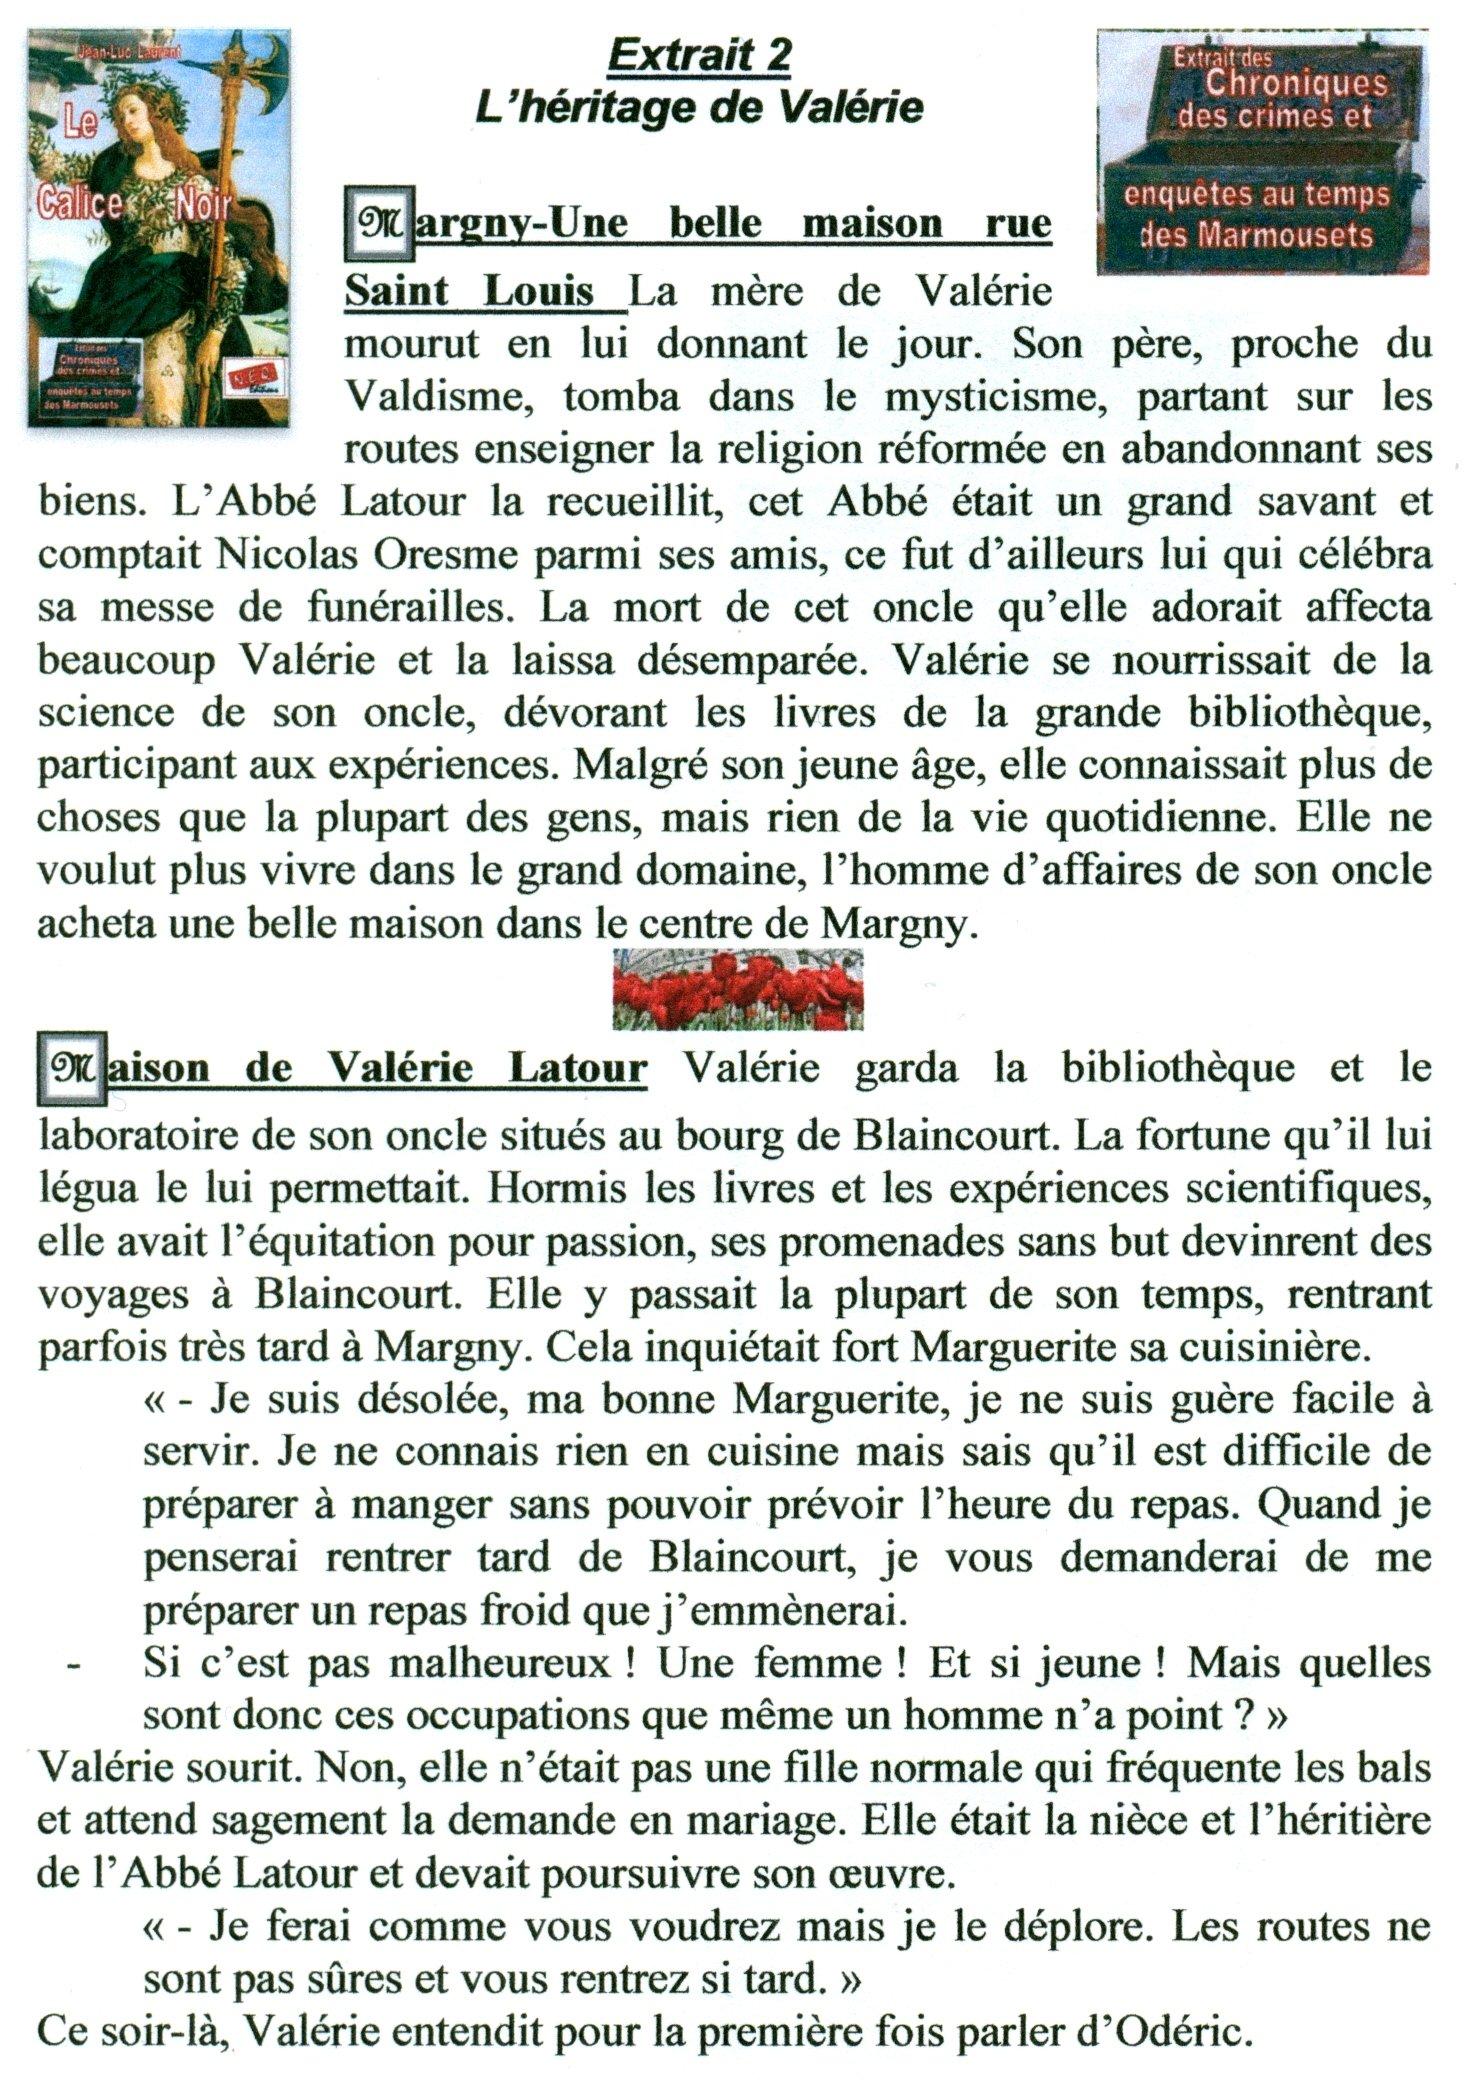 Extr 2: L'héritage de Valérie  dans extraits numerisation0087